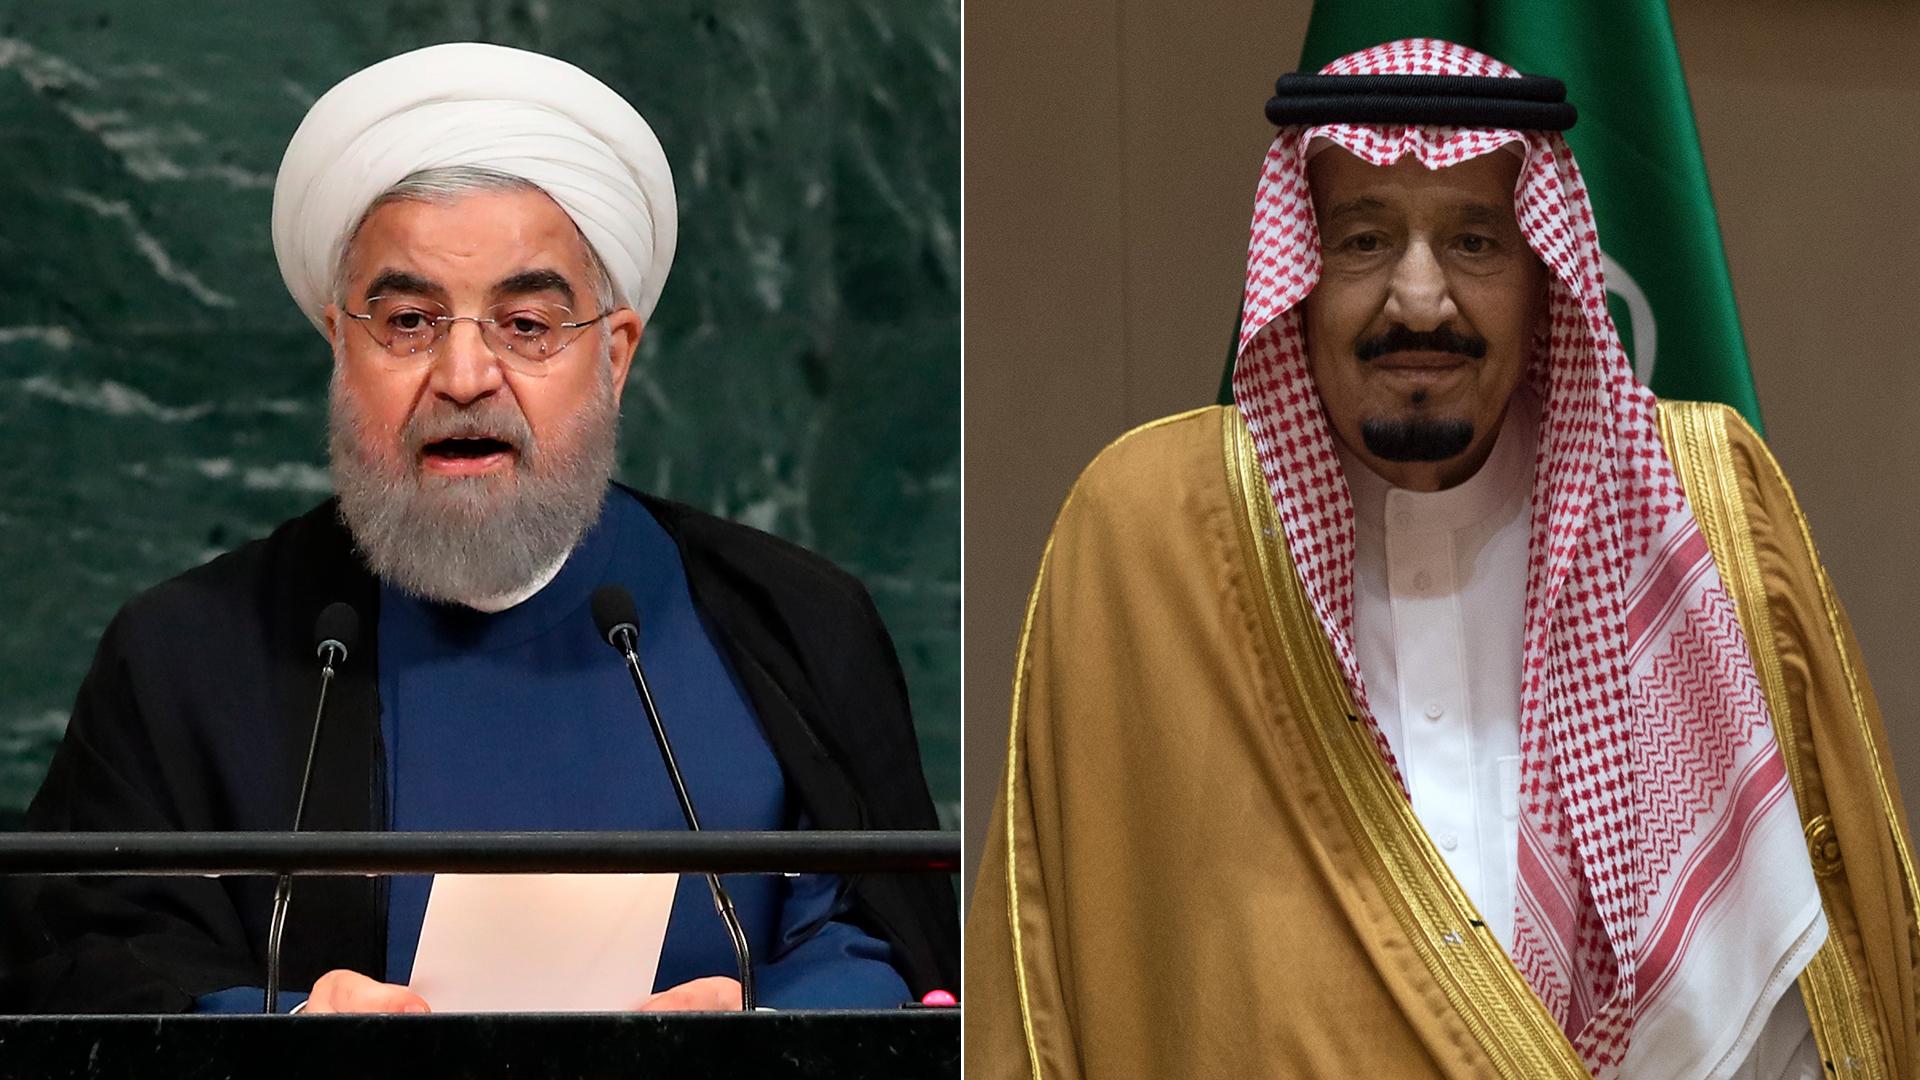 El presidente de Irán, Hassan Rouhani, y el rey de Arabia Saudita, Salman bin Abdulaziz al Saud (Getty)